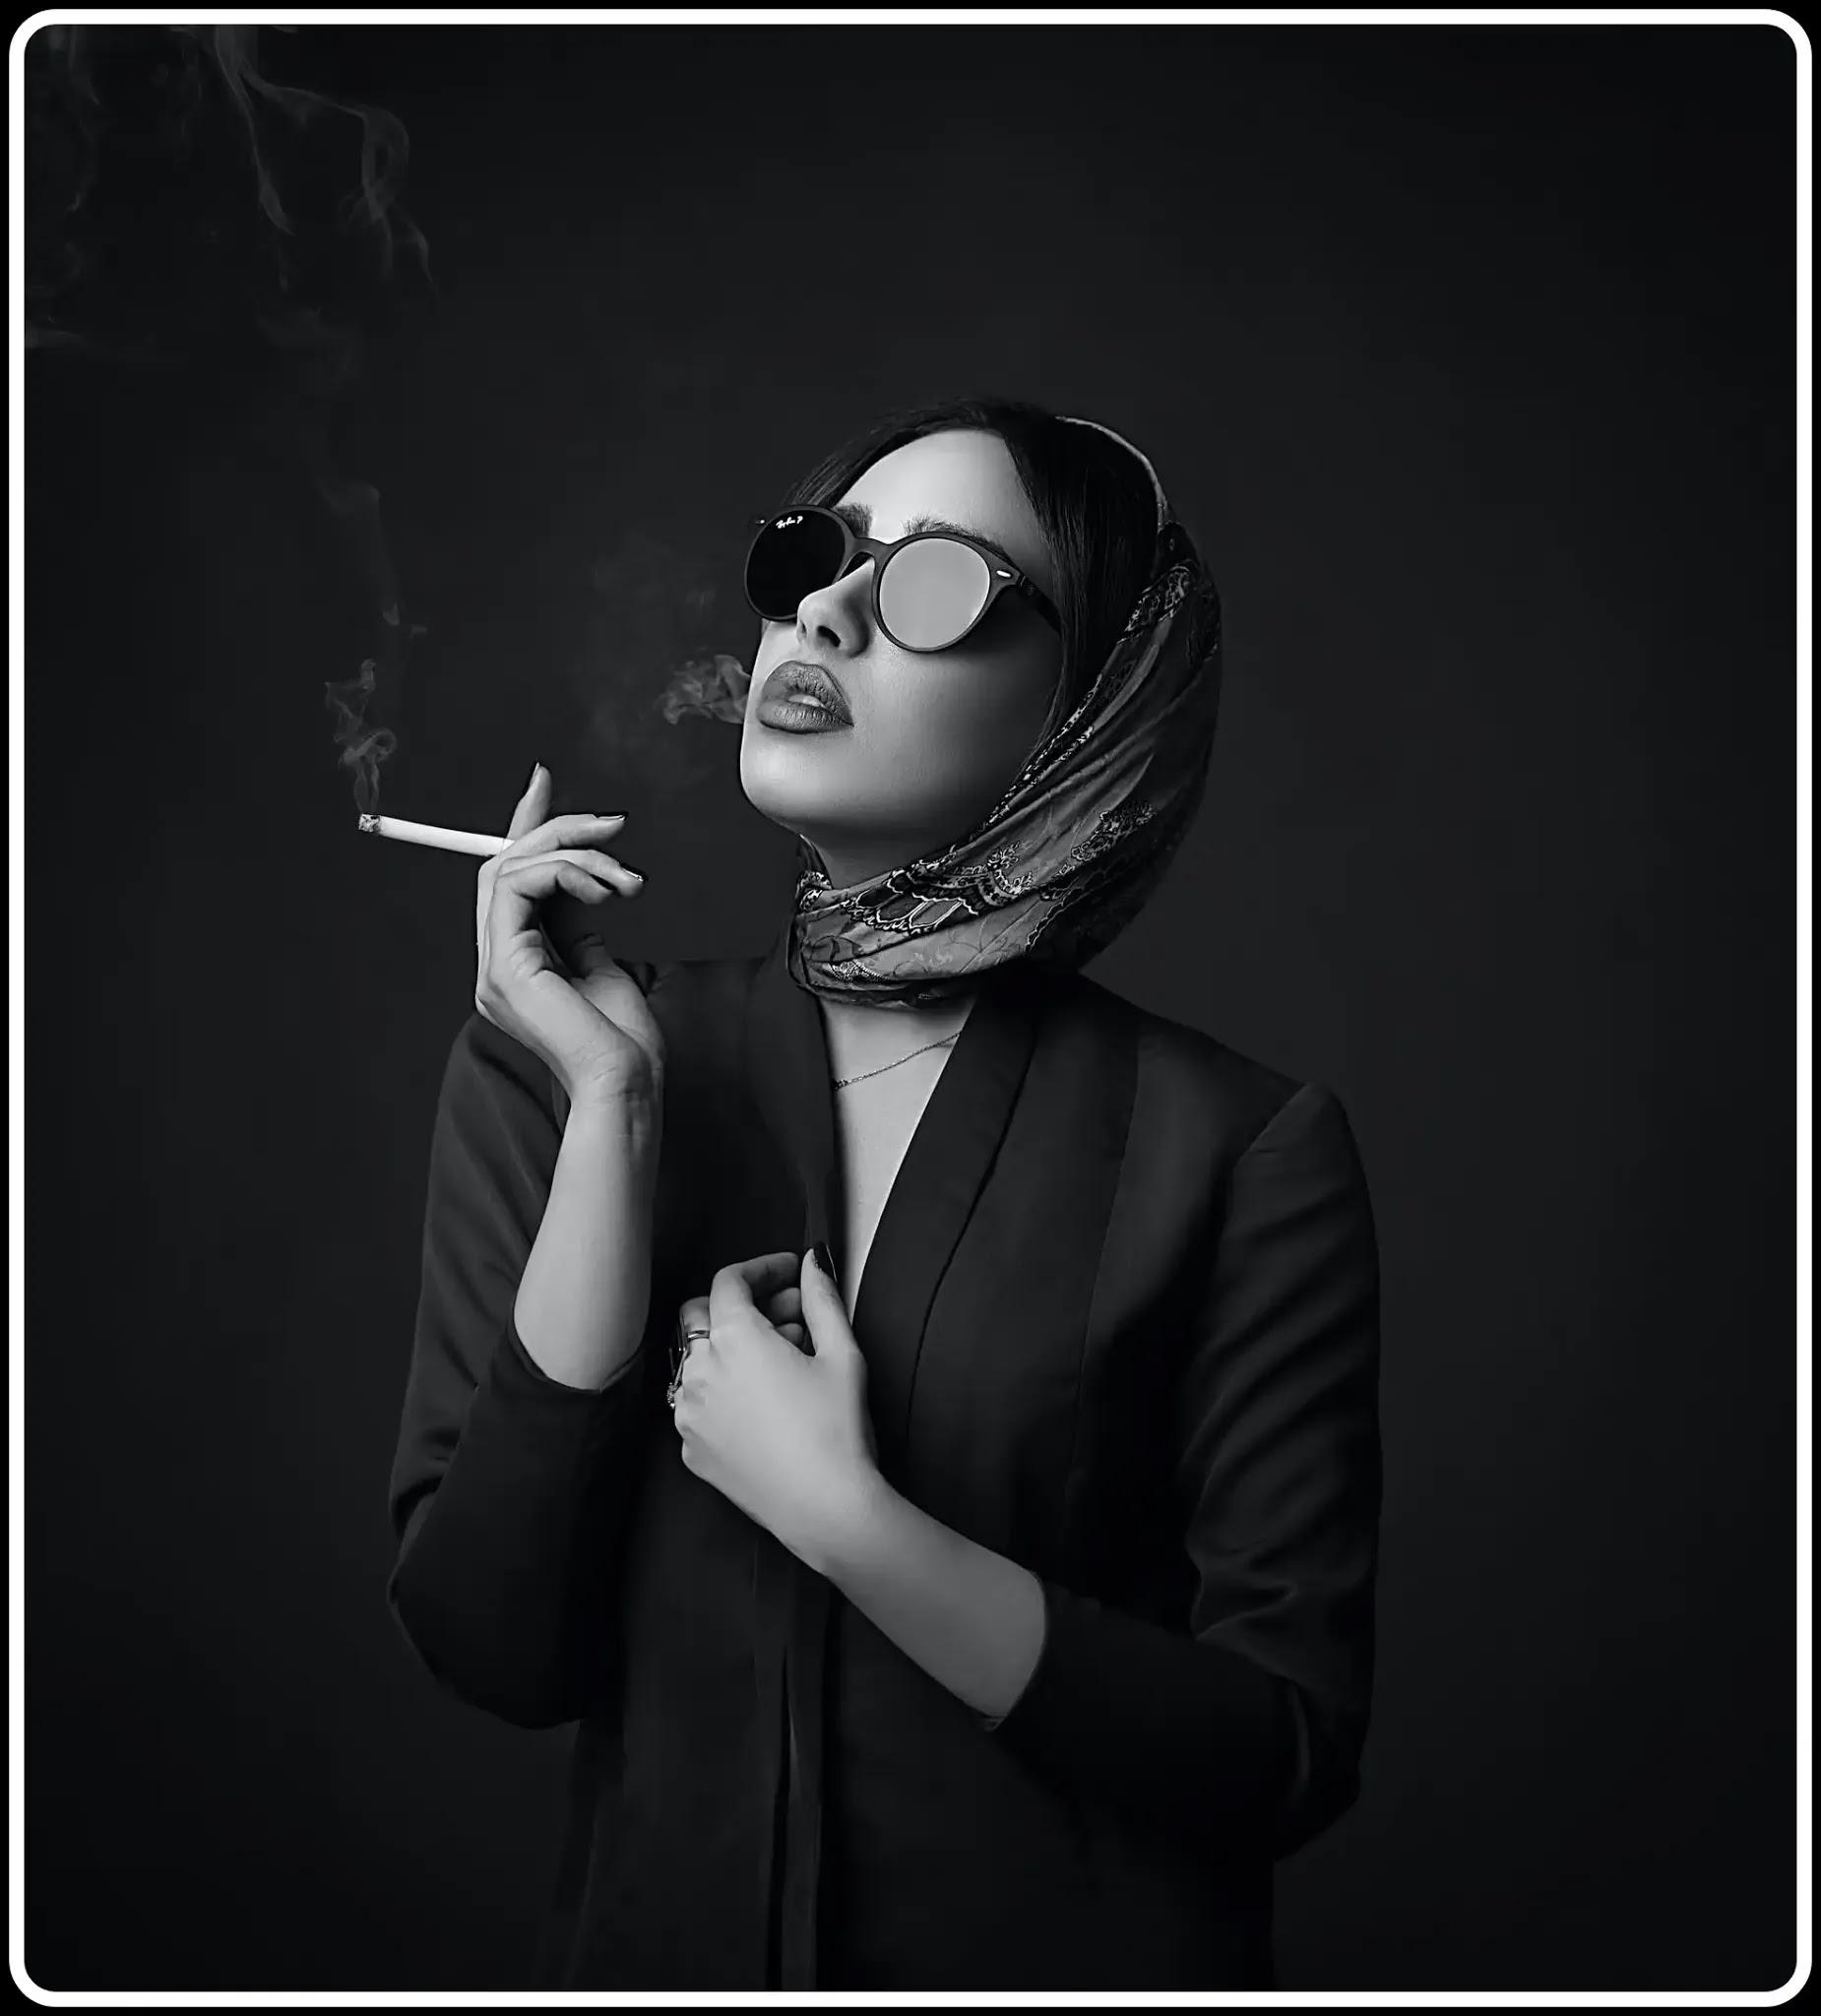 Bad habit smoking - girl smoking free image - black theme for girls